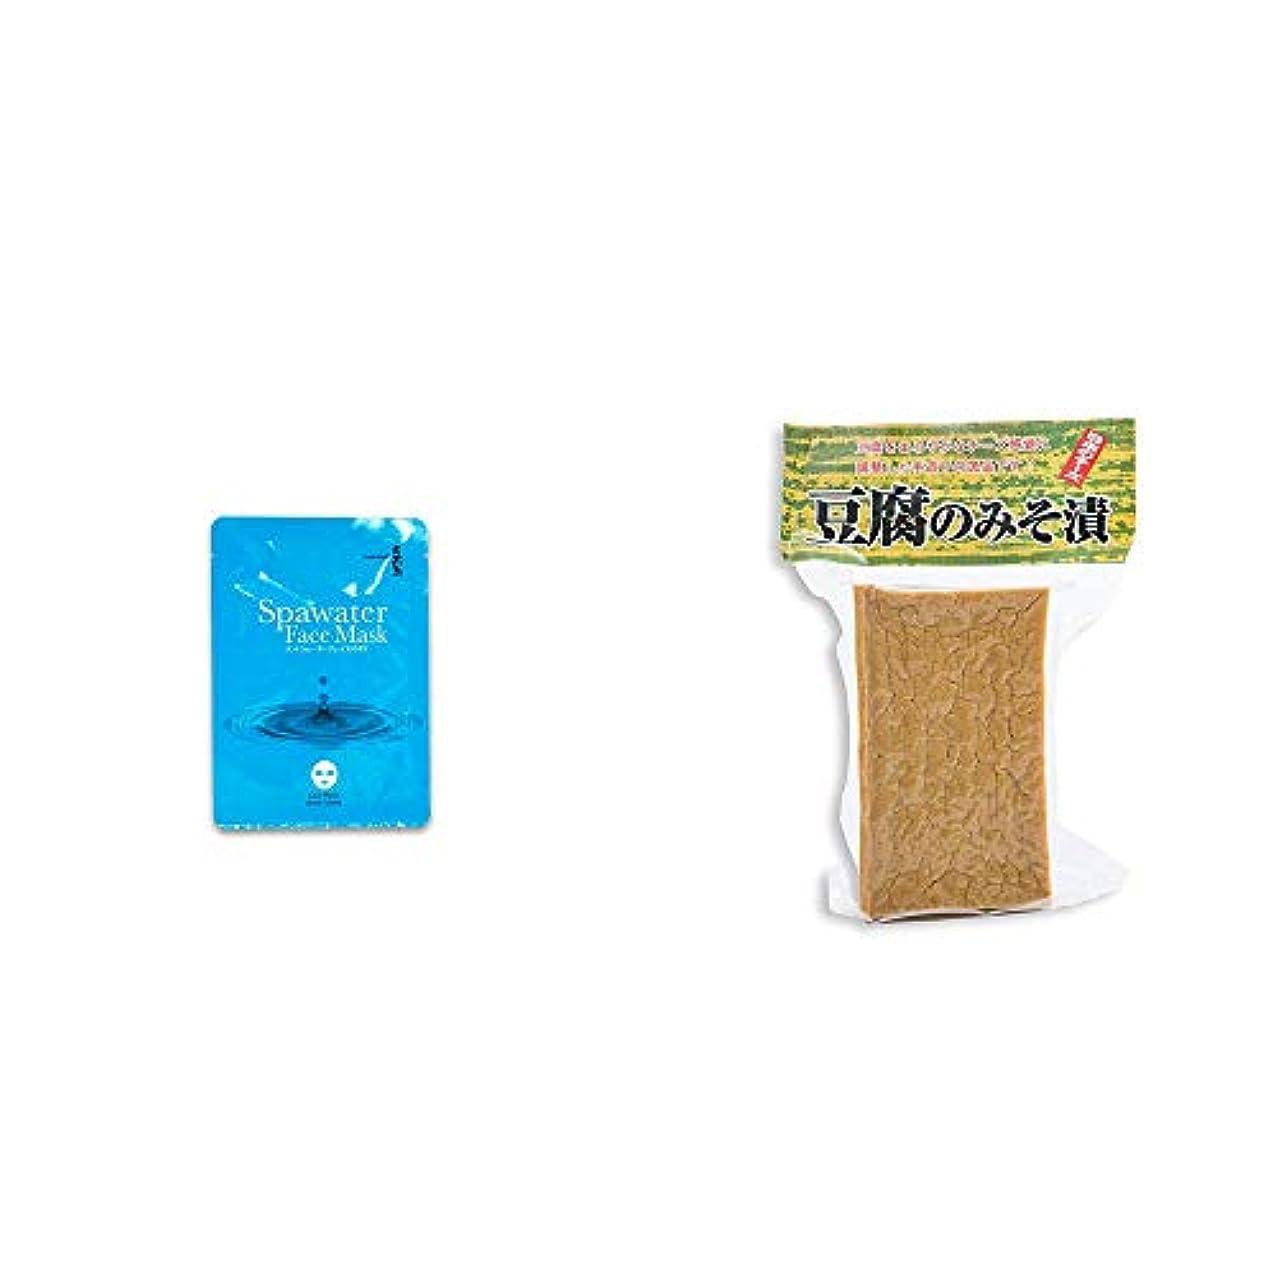 類人猿十二織る[2点セット] ひのき炭黒泉 スパウォーターフェイスマスク(18ml×3枚入)?日本のチーズ 豆腐のみそ漬(1個入)